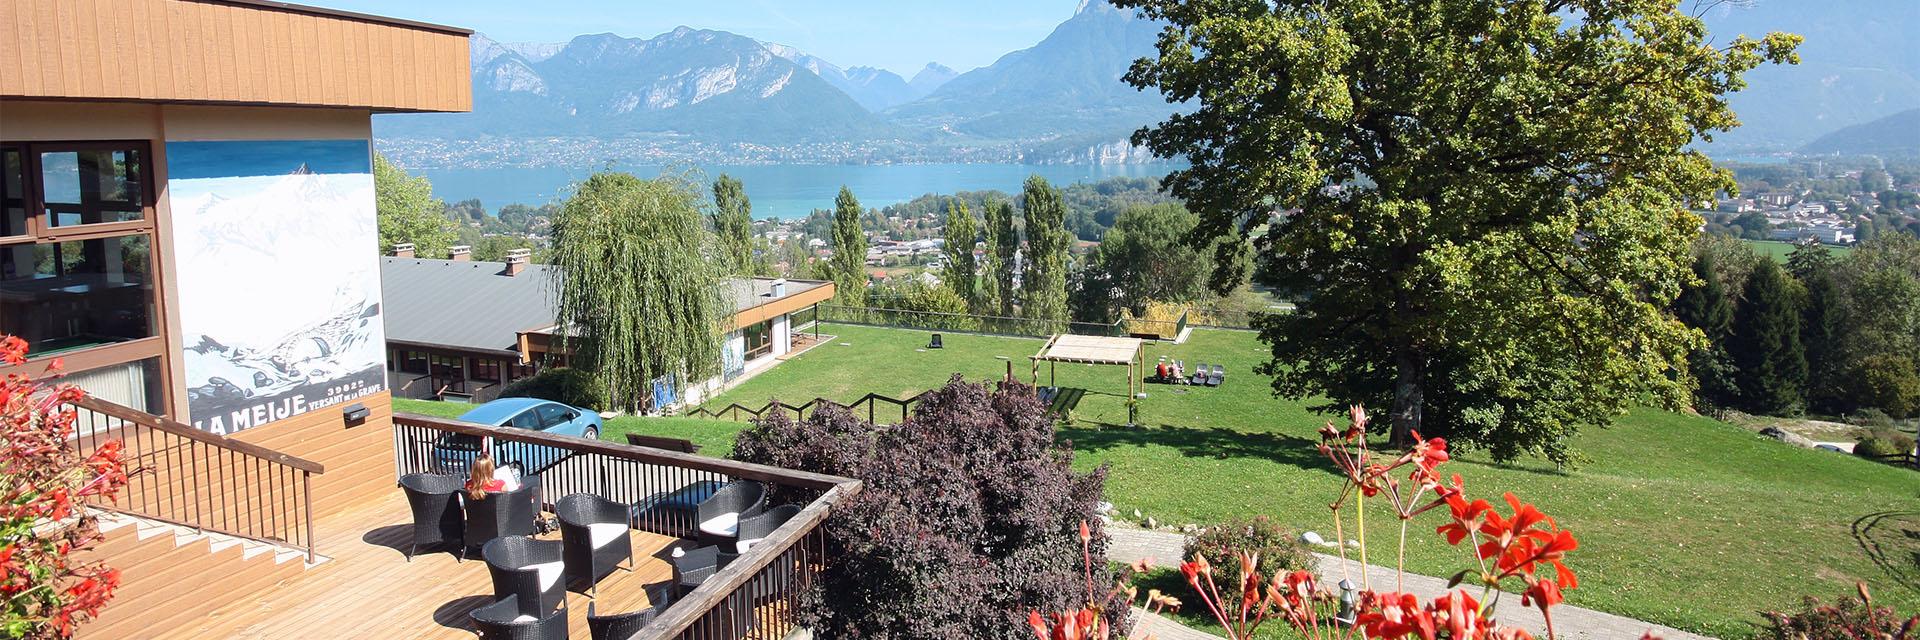 Annecy, Parc Naturel Régional des Bauges, Glières et Semnoz - Les Balcons du lac d'Annecy